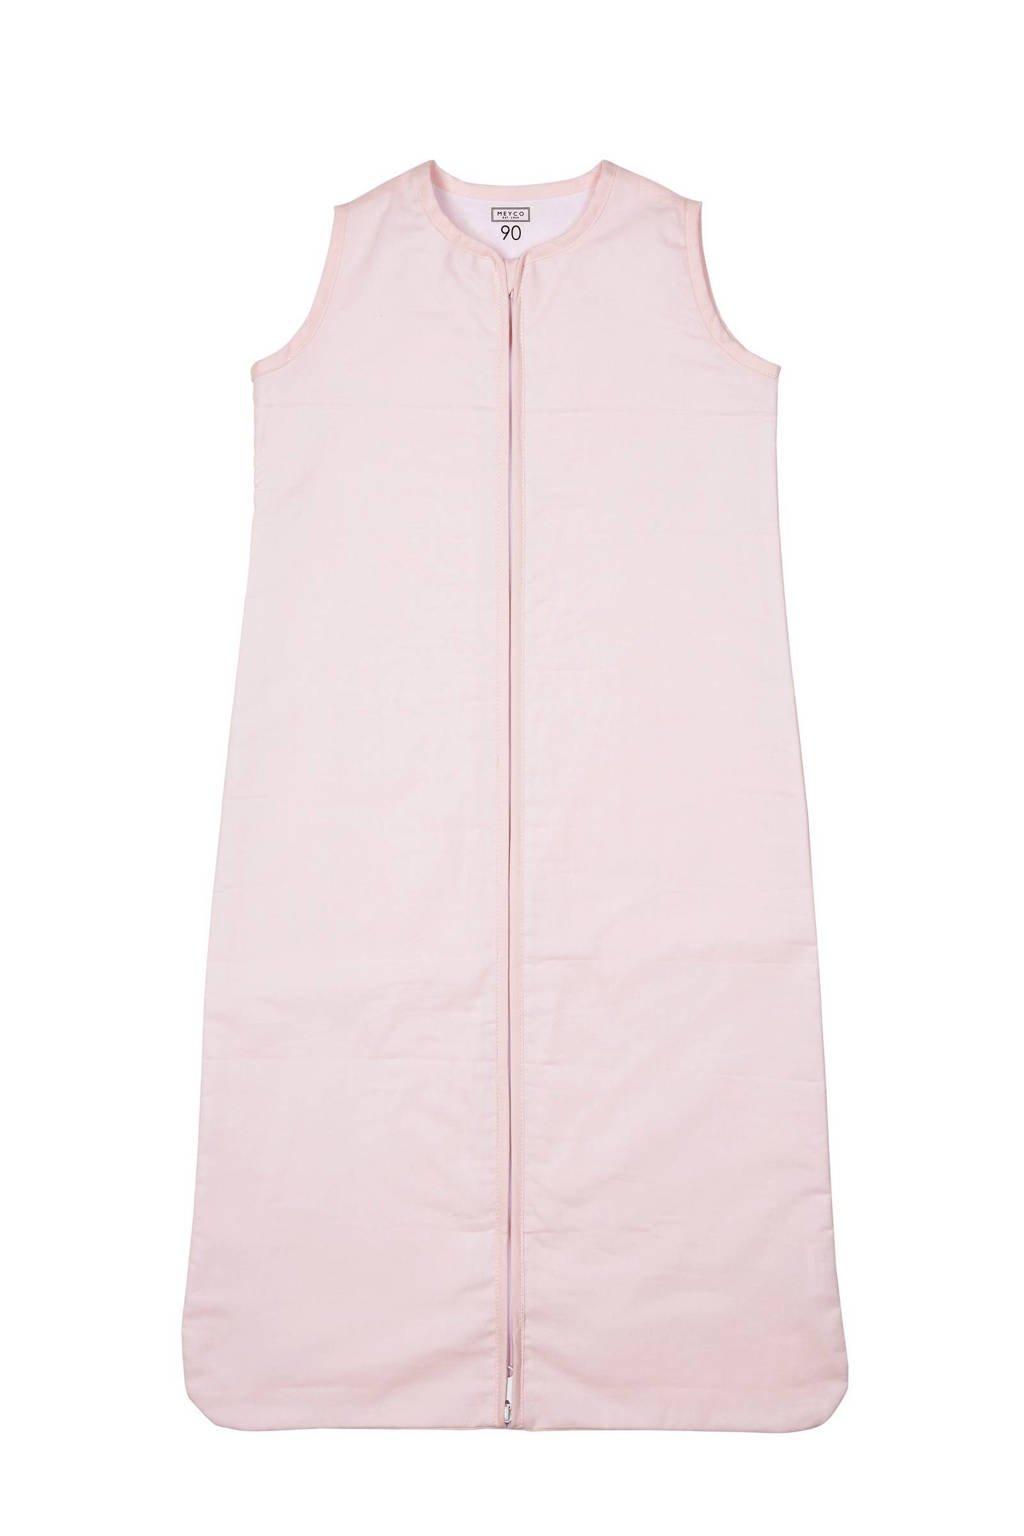 Meyco Uni baby slaapzak zomer 110 cm lichtroze, Roze